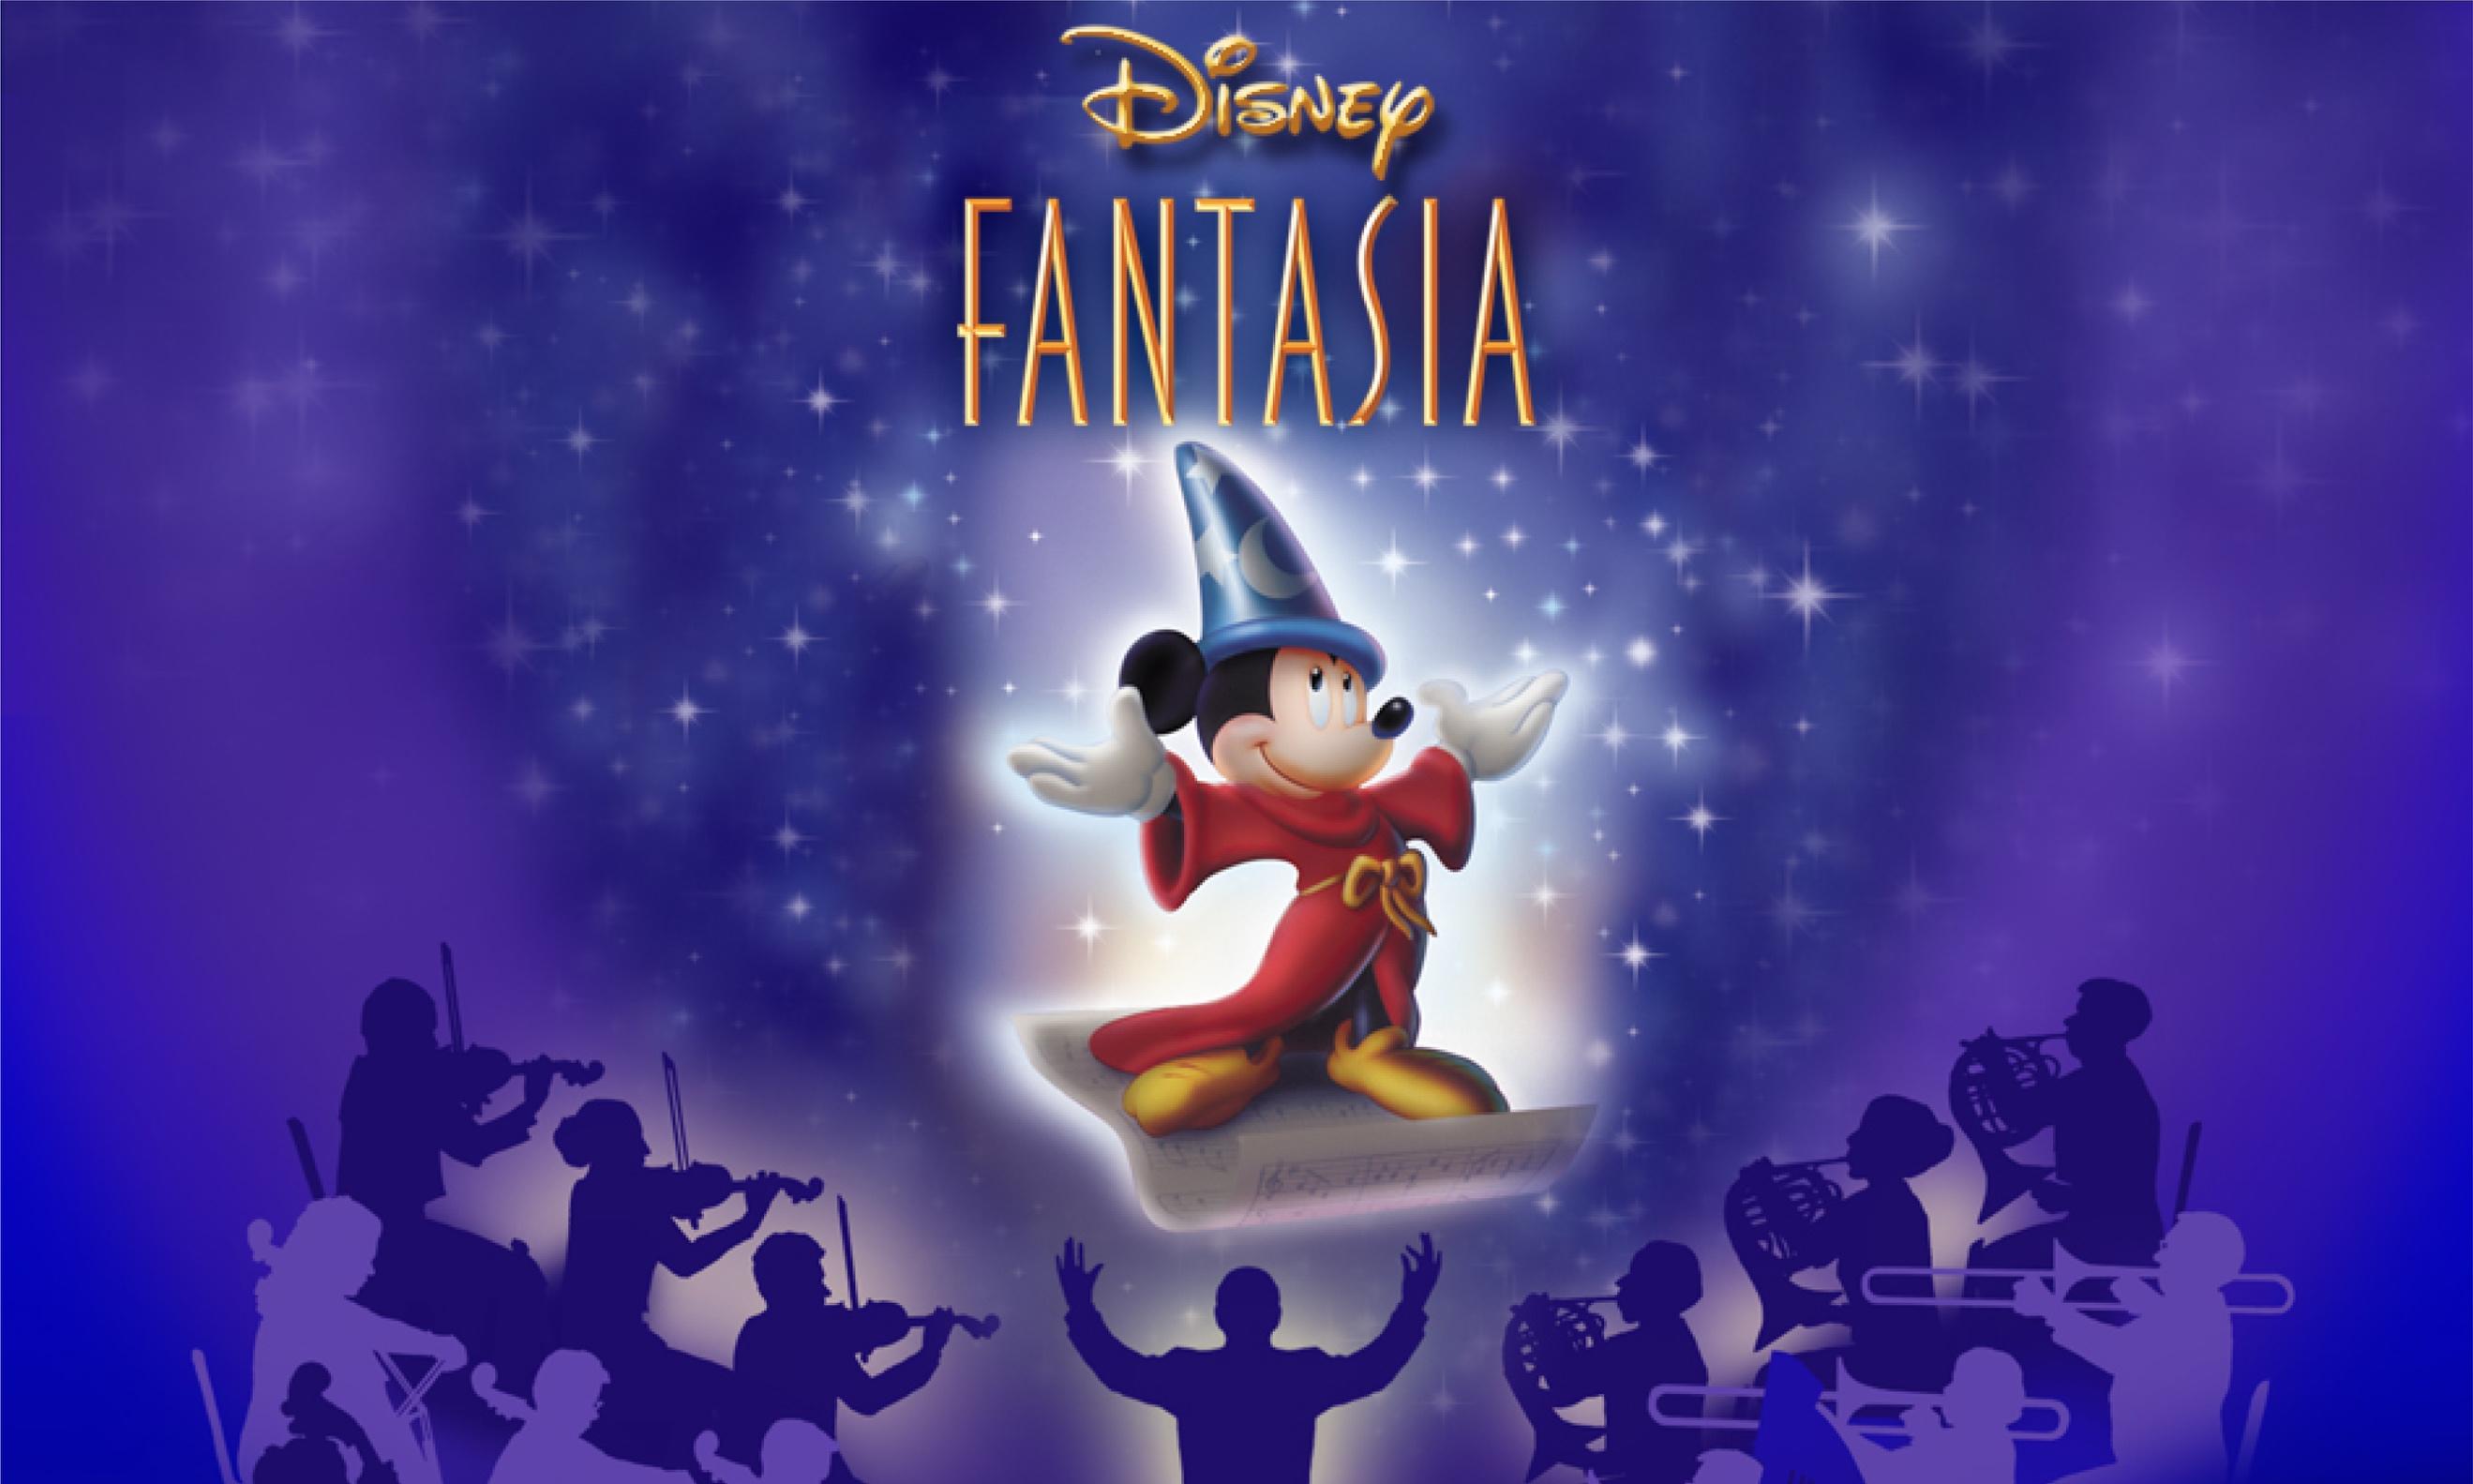 映画公開80周年記念「ディズニー・ファンタジア・コンサート2021」清塚信也出演決定!先行販売受付中!